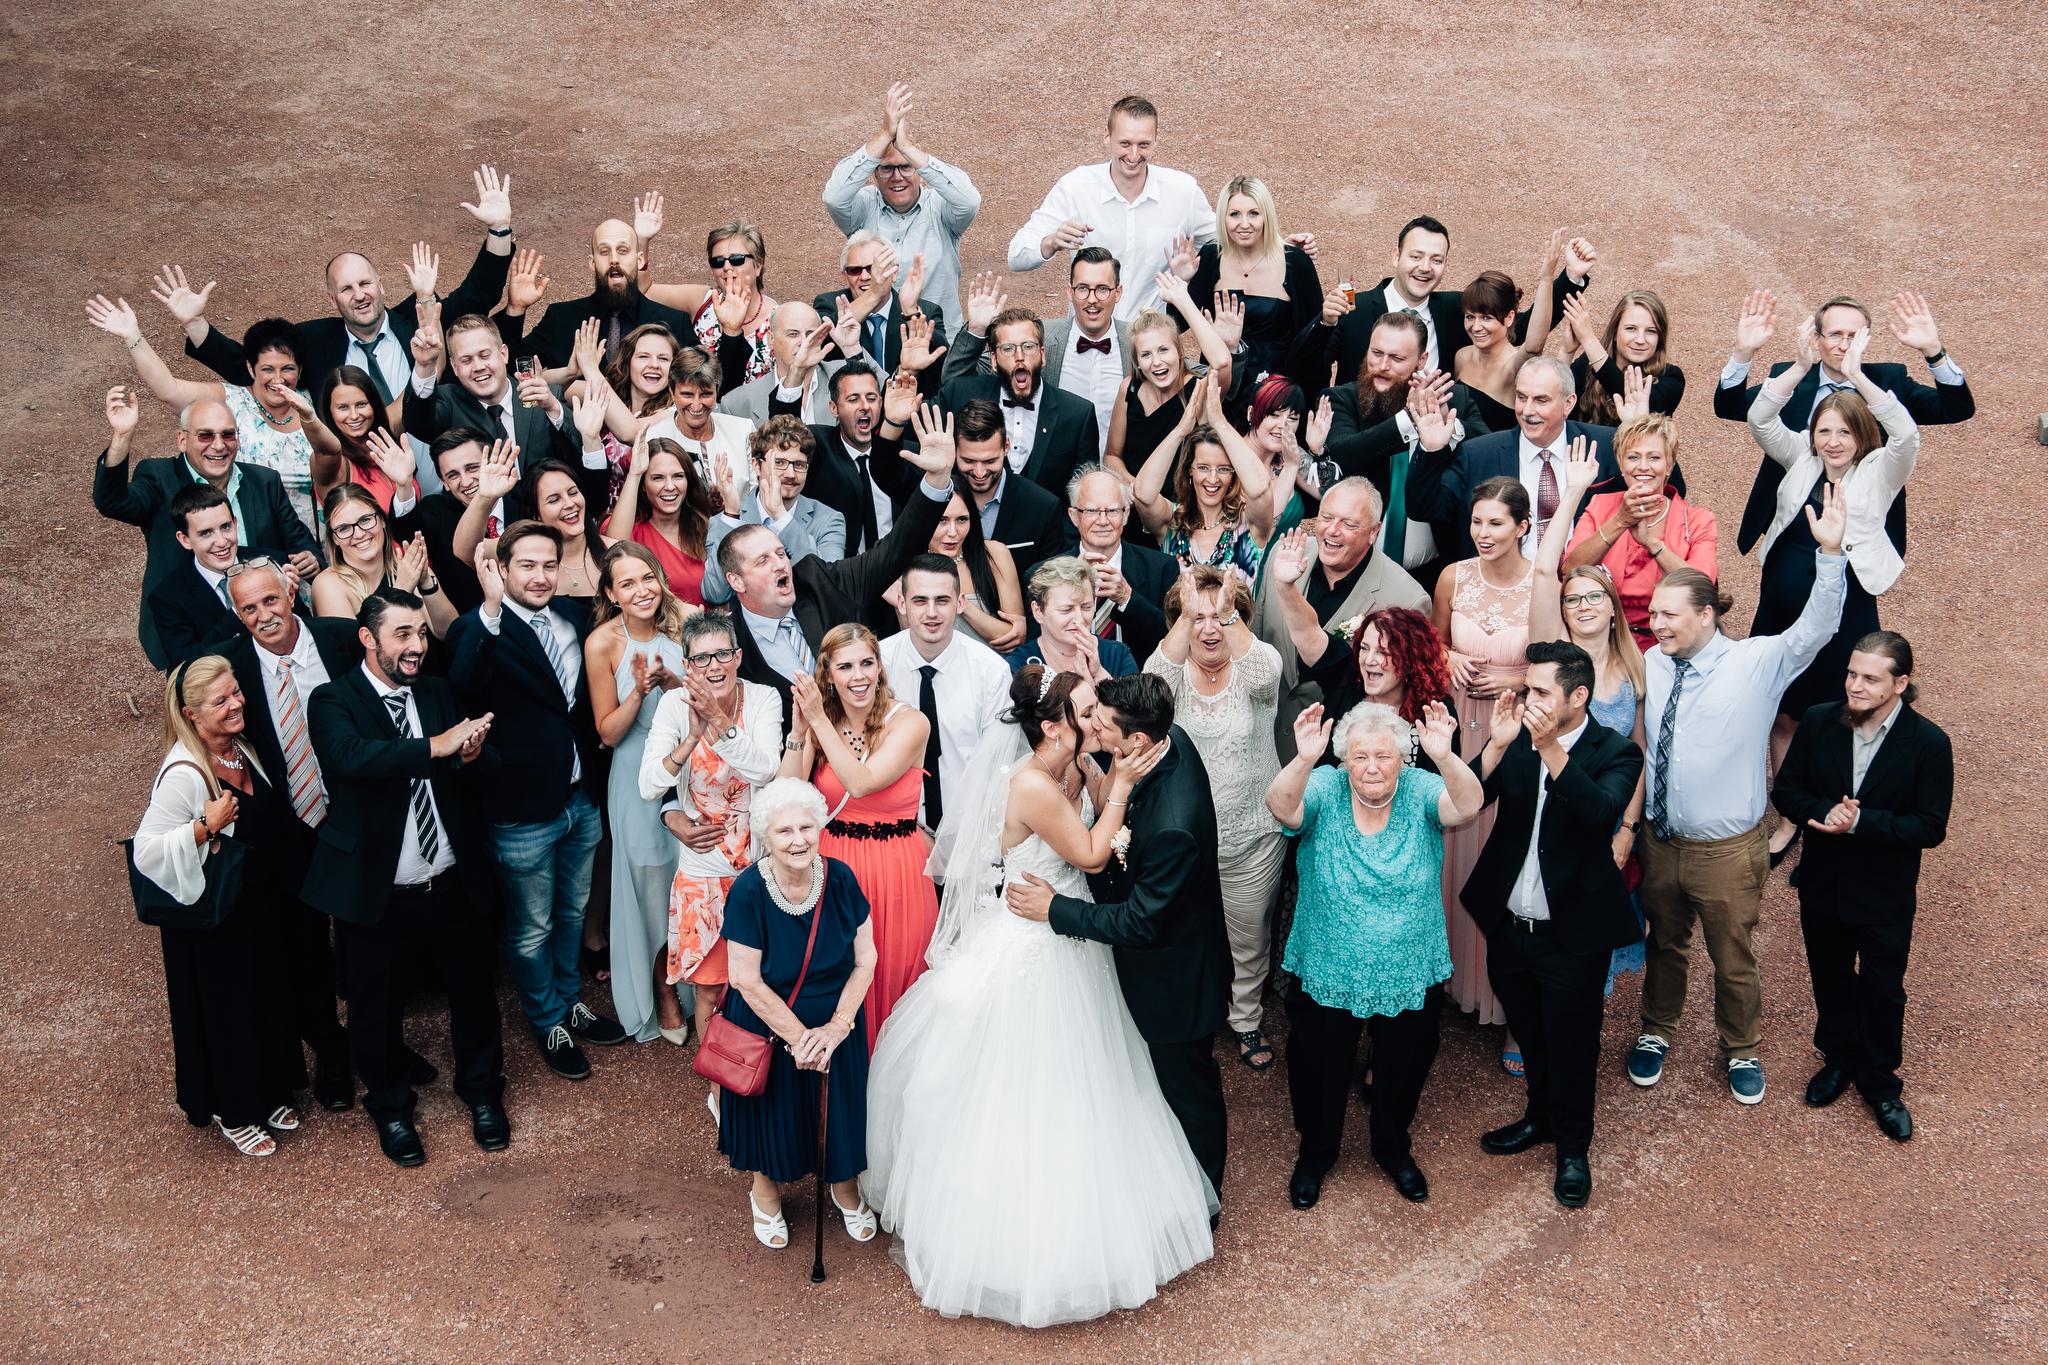 Claudia Krawinkel Fotografie Hochzeitsfotografie Hochzeit Blumenhalle im Brückenkopfpark Jülich Essen Düsseldorf Bochum Dortmund Mönchengladbach NRW Ruhrgebiet 84